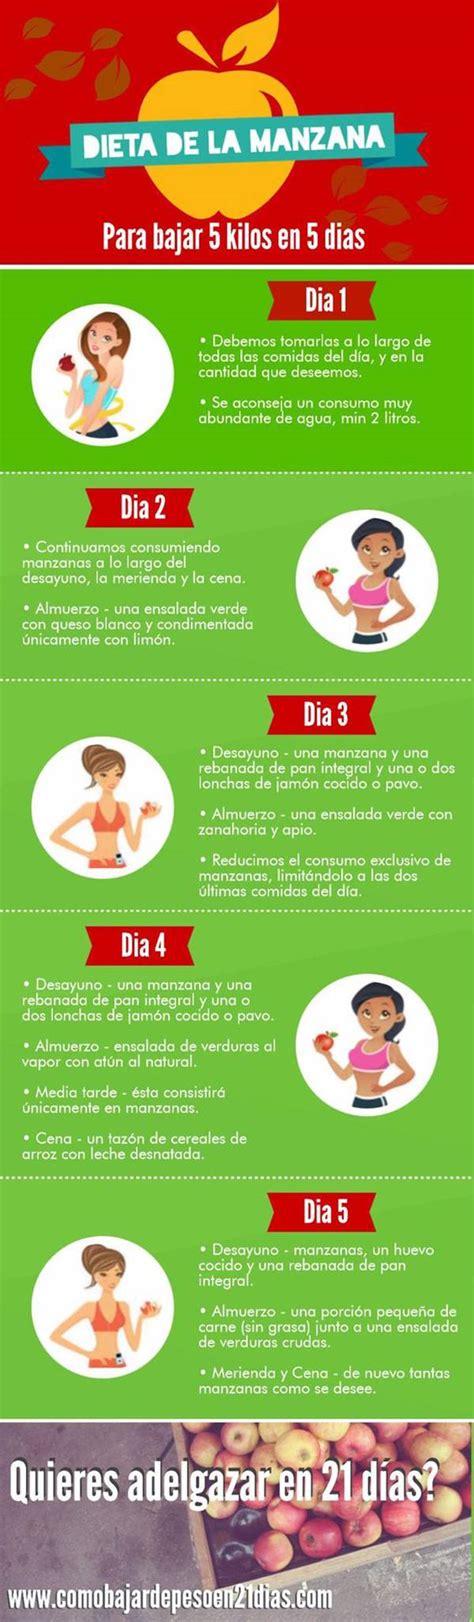 La dieta de la manzana en 5 días ¿Funciona? | Infografías ...